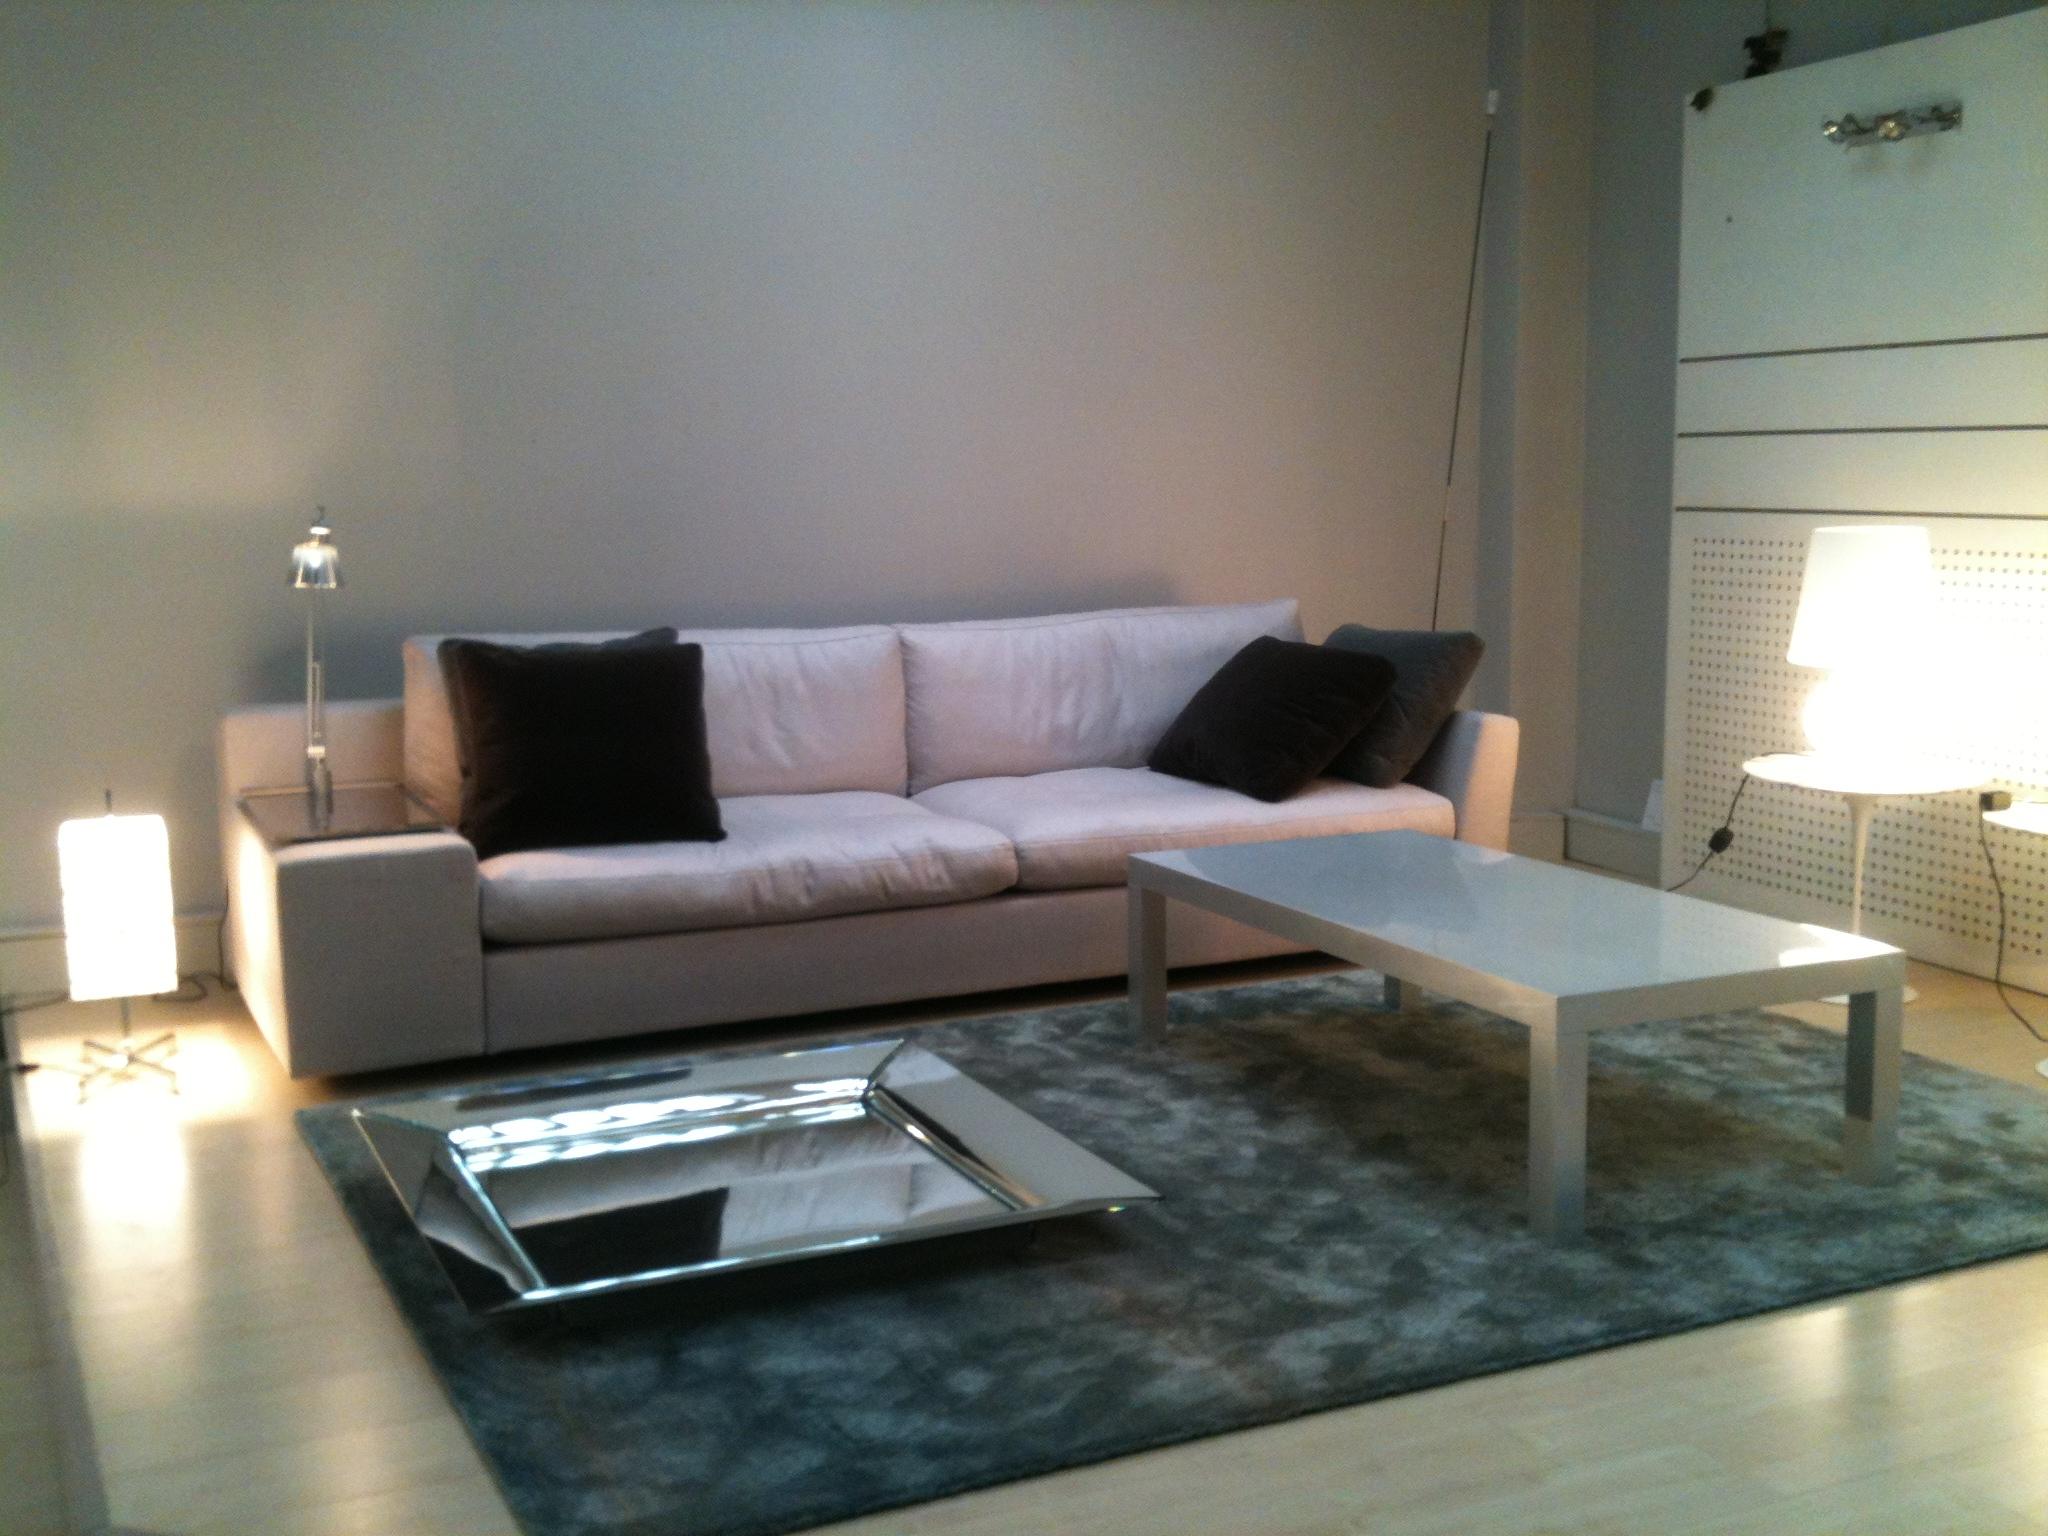 canap cassina storanza. Black Bedroom Furniture Sets. Home Design Ideas